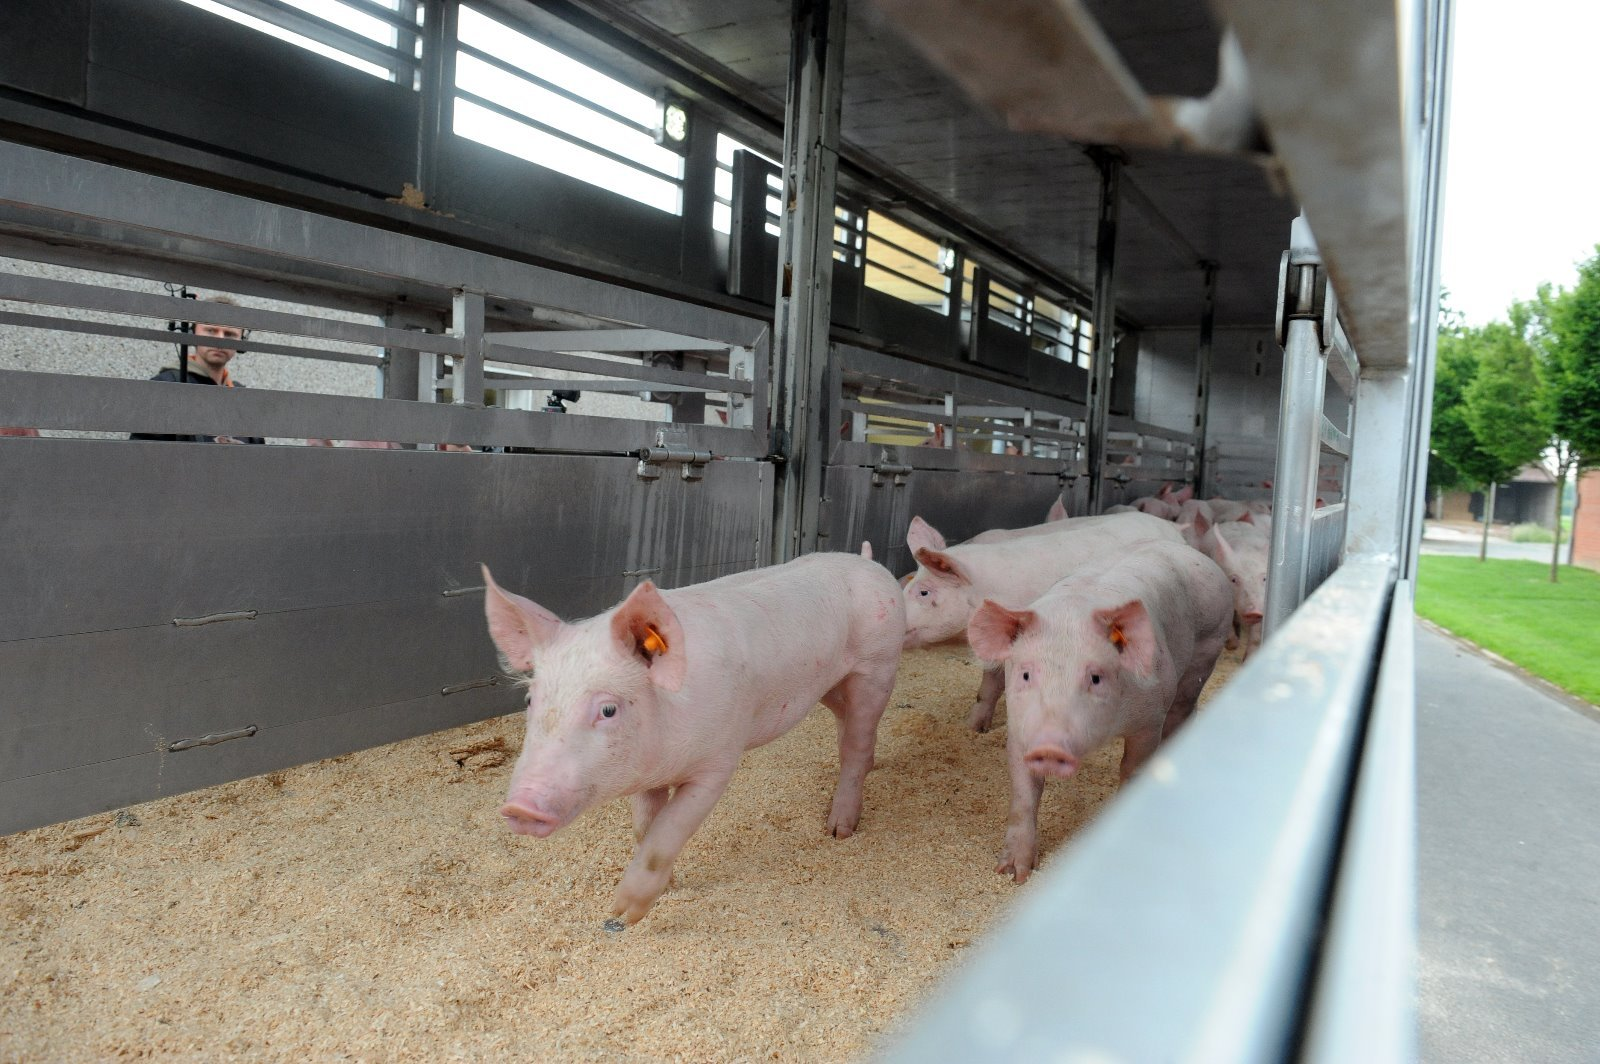 Persbericht: Europees parlement wil bordeskeuringen en Schengen voor varkens